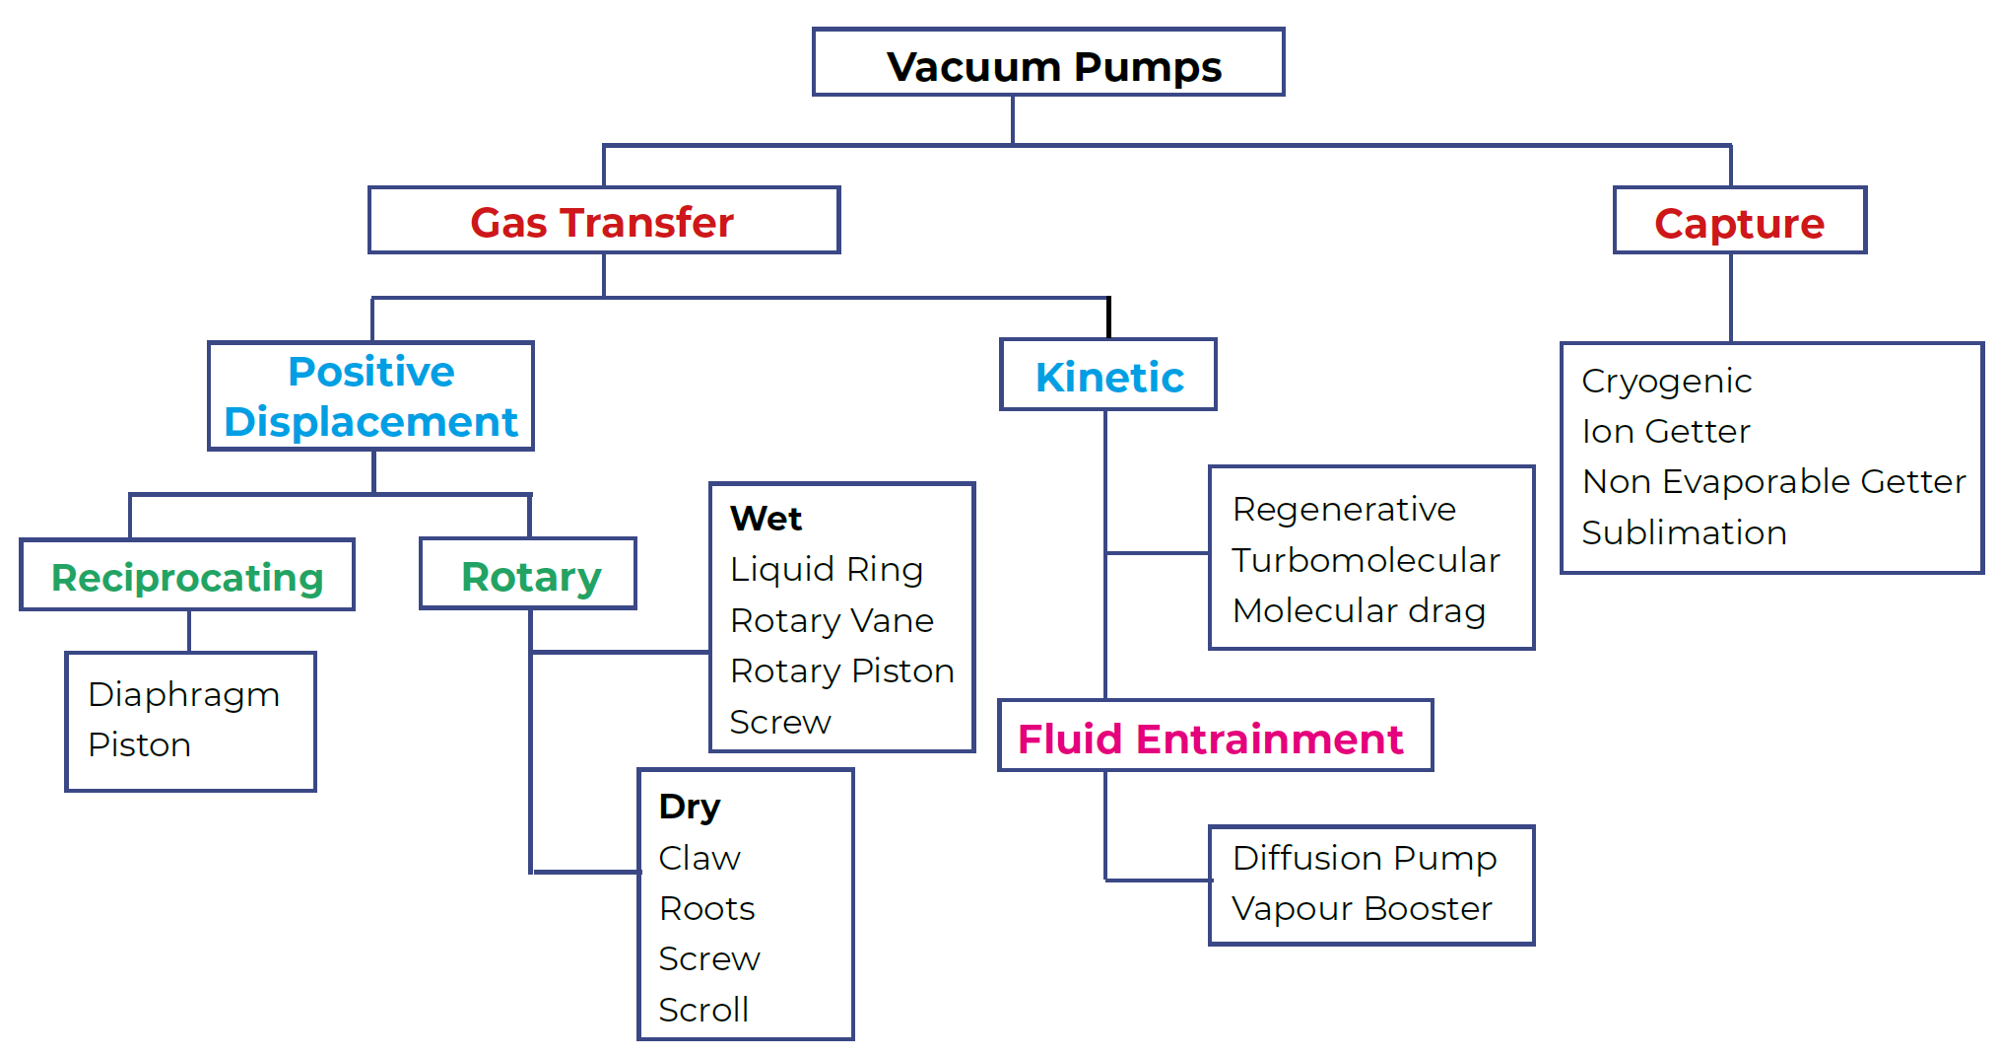 Vacuum Pumps Classification